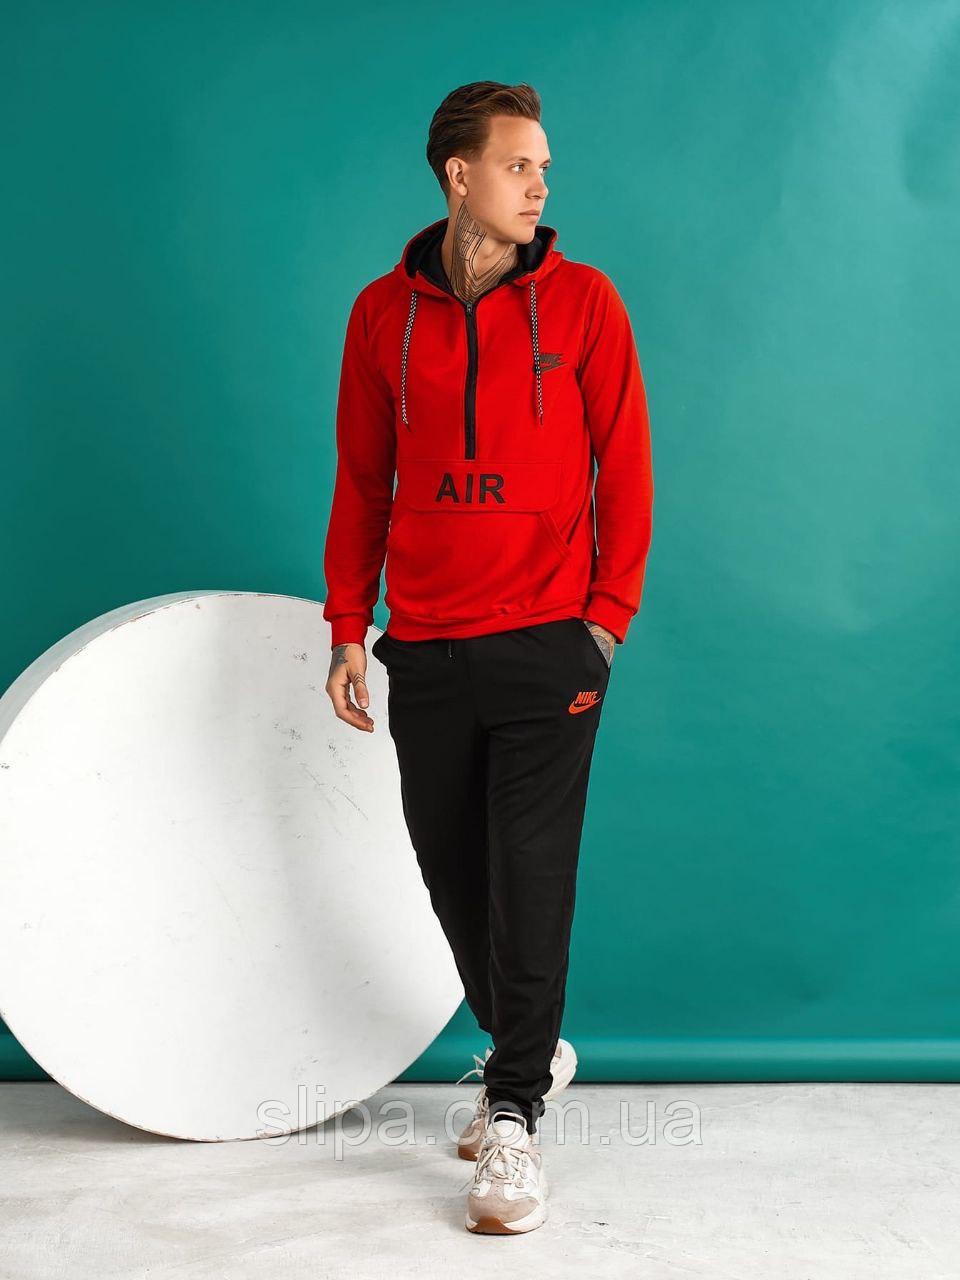 Чоловічий спортивний костюм в стилі Nike чорний с червоним